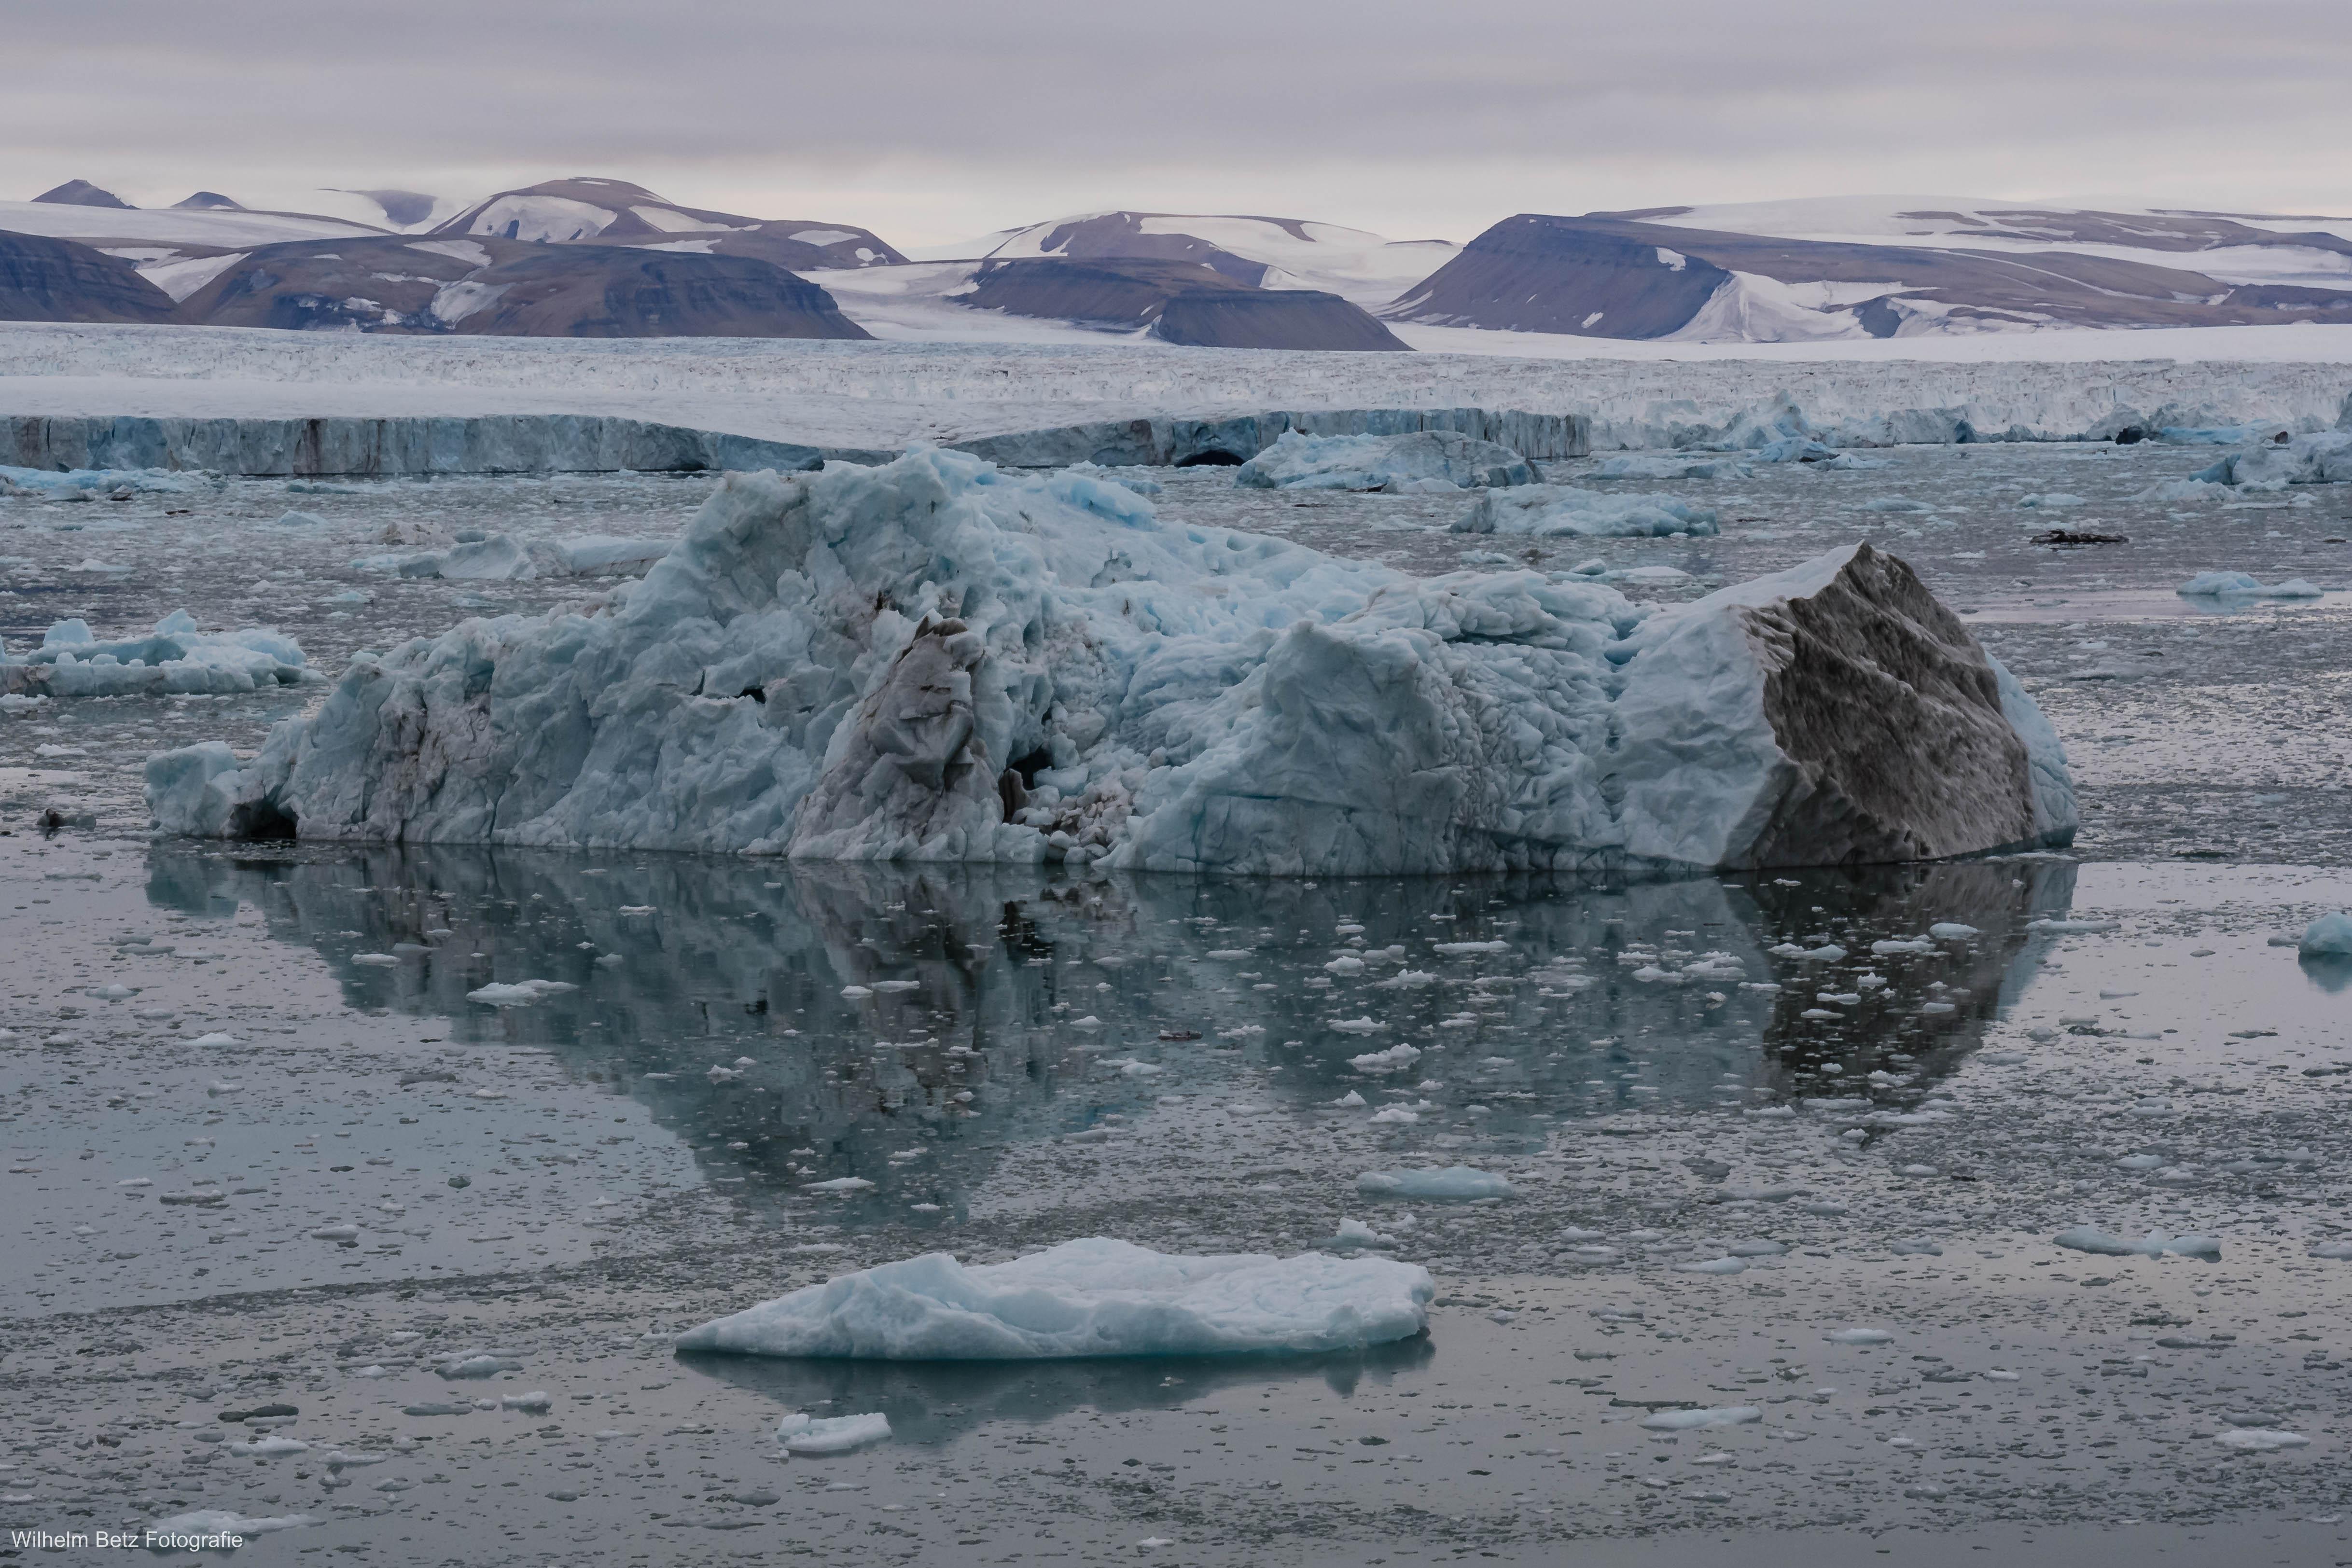 Spitzbergen - Gletscher, Eis und Tiere